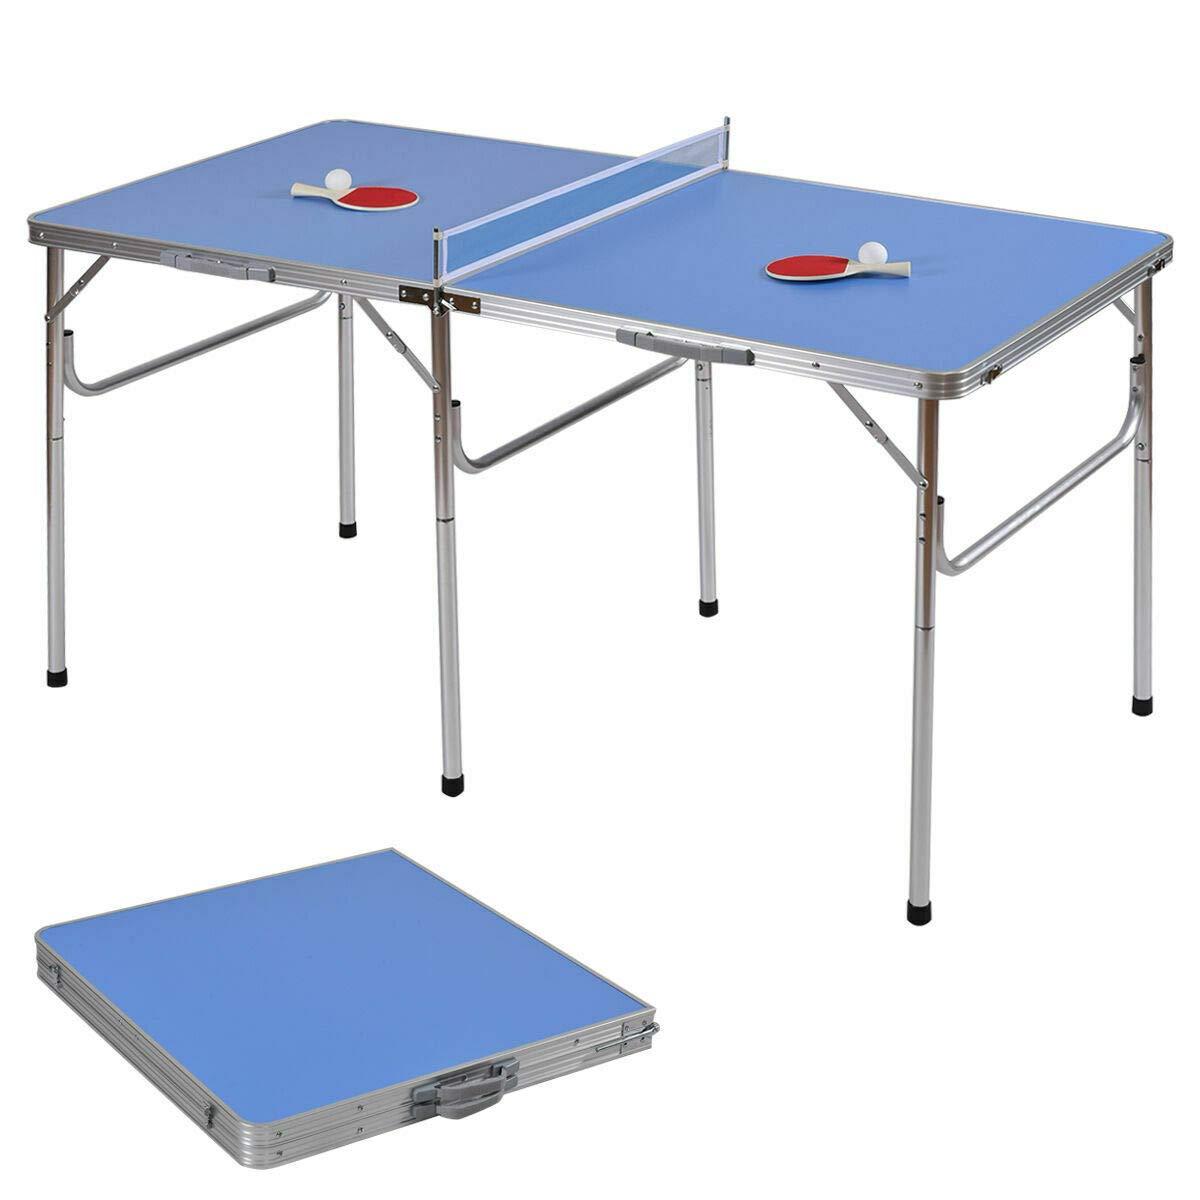 Cozinest 60インチ ポータブル 卓球 ピンポン 折りたたみテーブル アクセサリー付き 屋内ゲーム